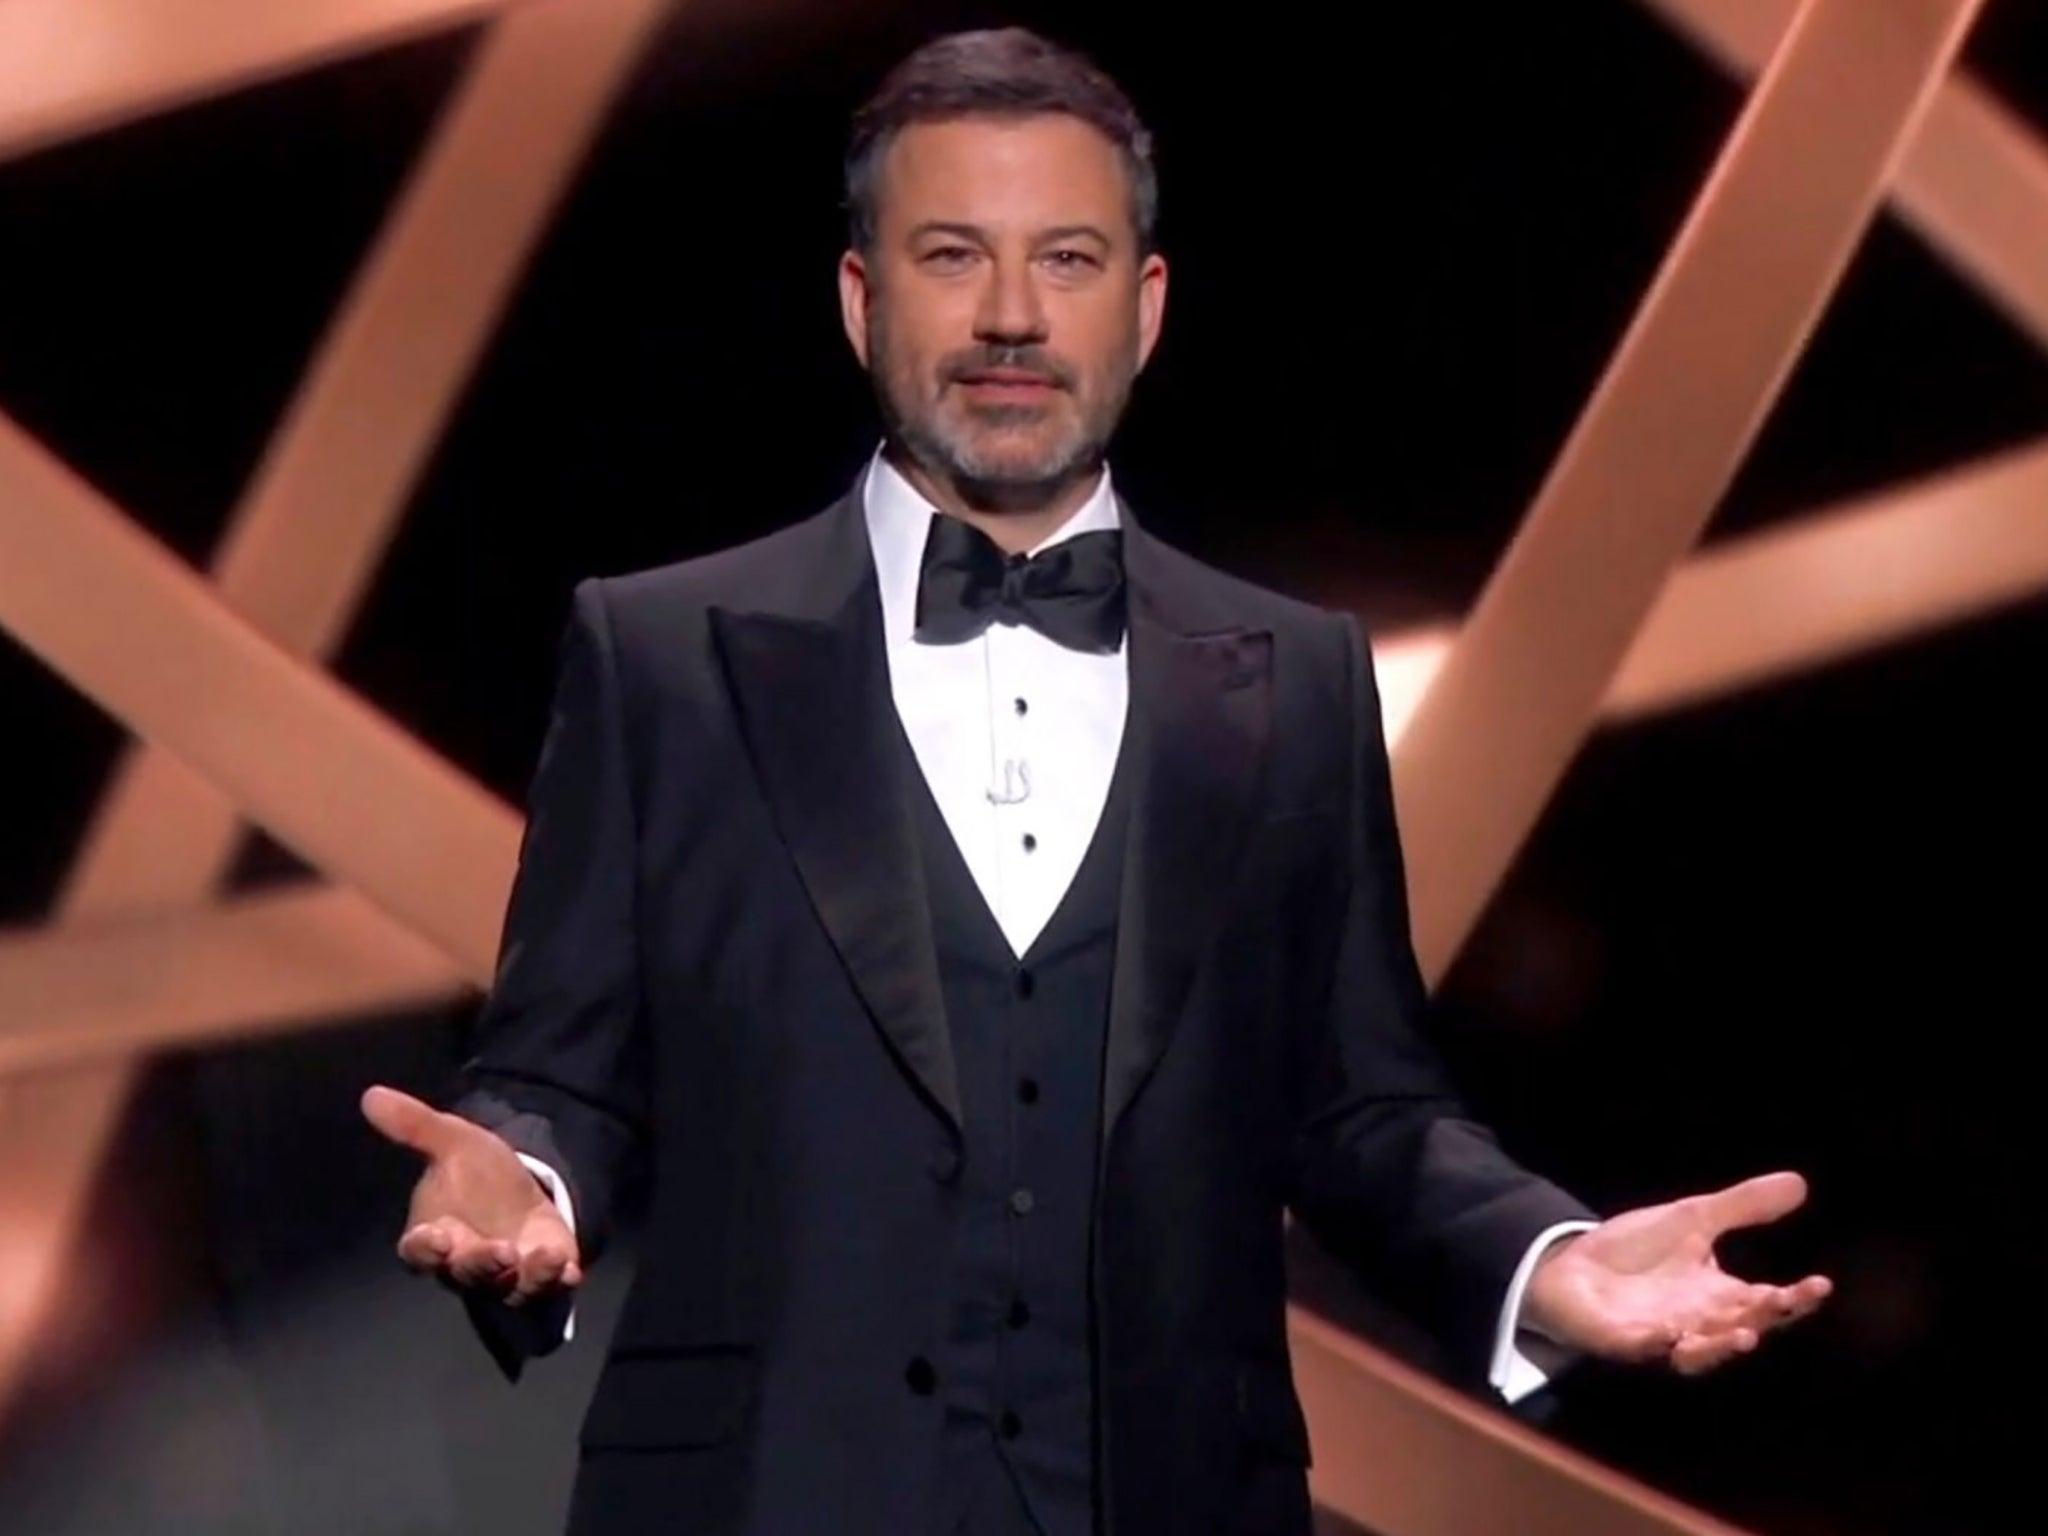 Jimmy Kimmel condemned for 'horrendous' John Oliver immigration joke at Emmys